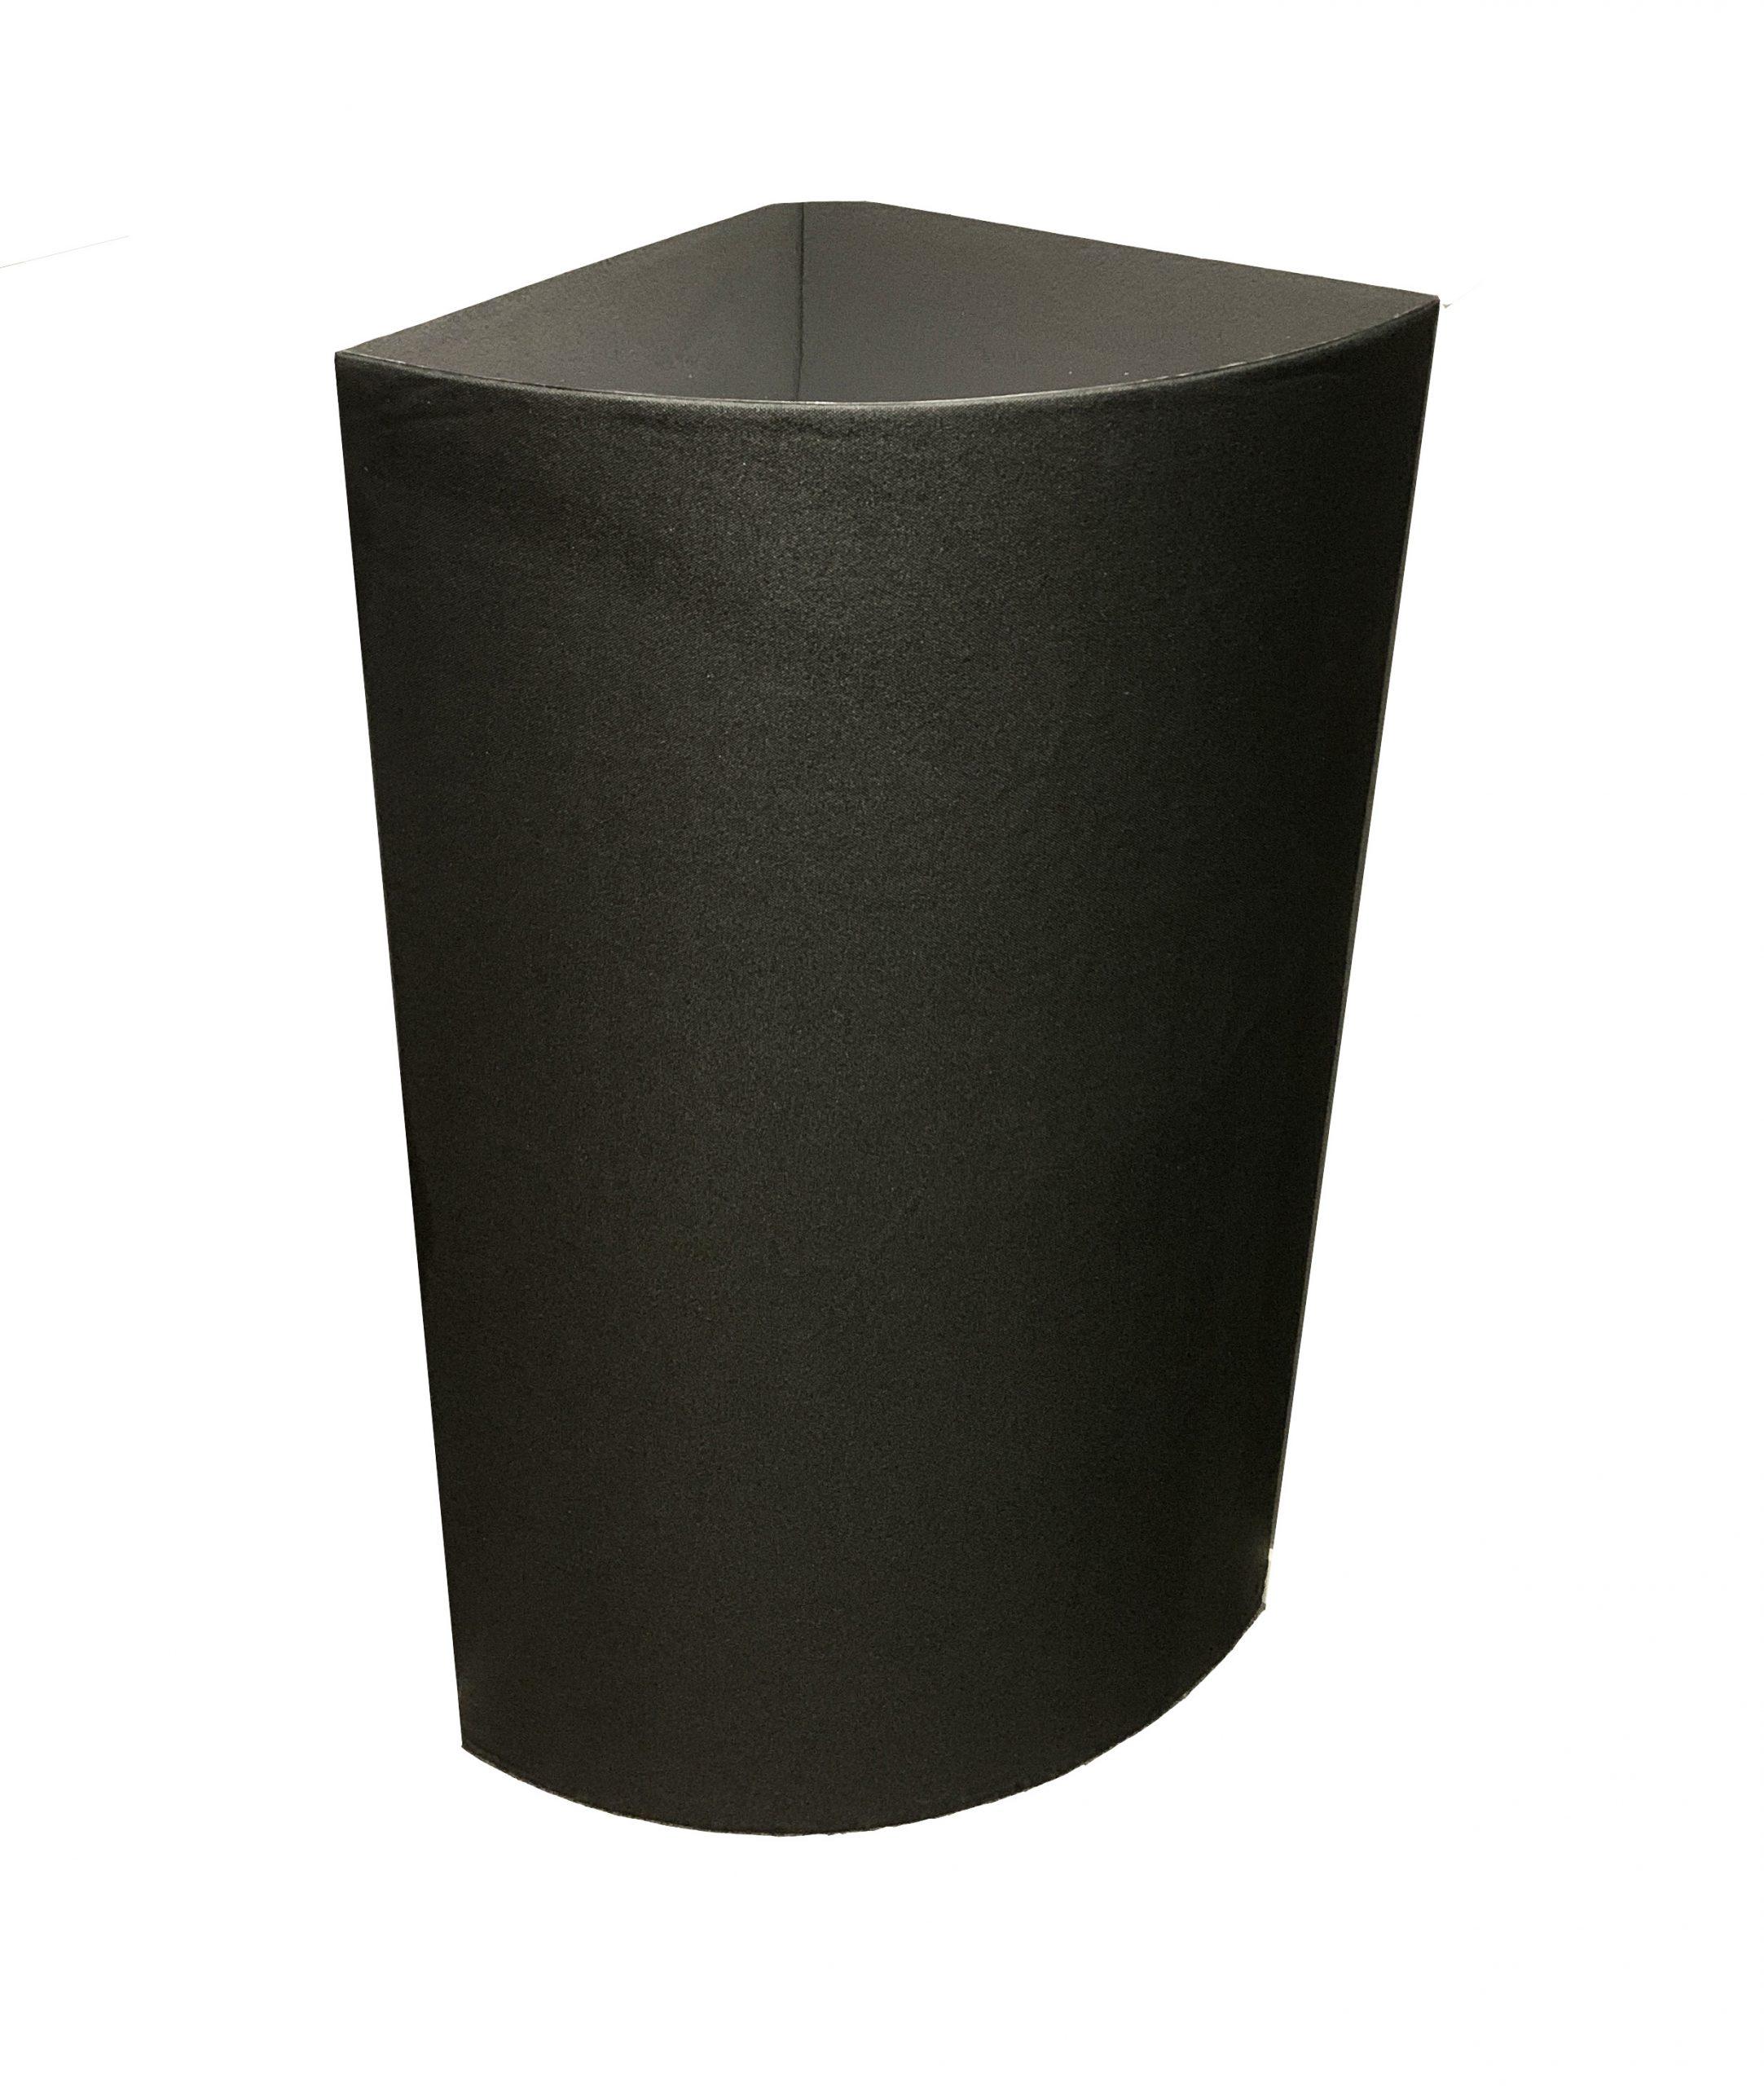 DreamScreen AcoustIQ MegaBassTrap Corner 50x50x120cm with 400Hz Membrane Black 1stk